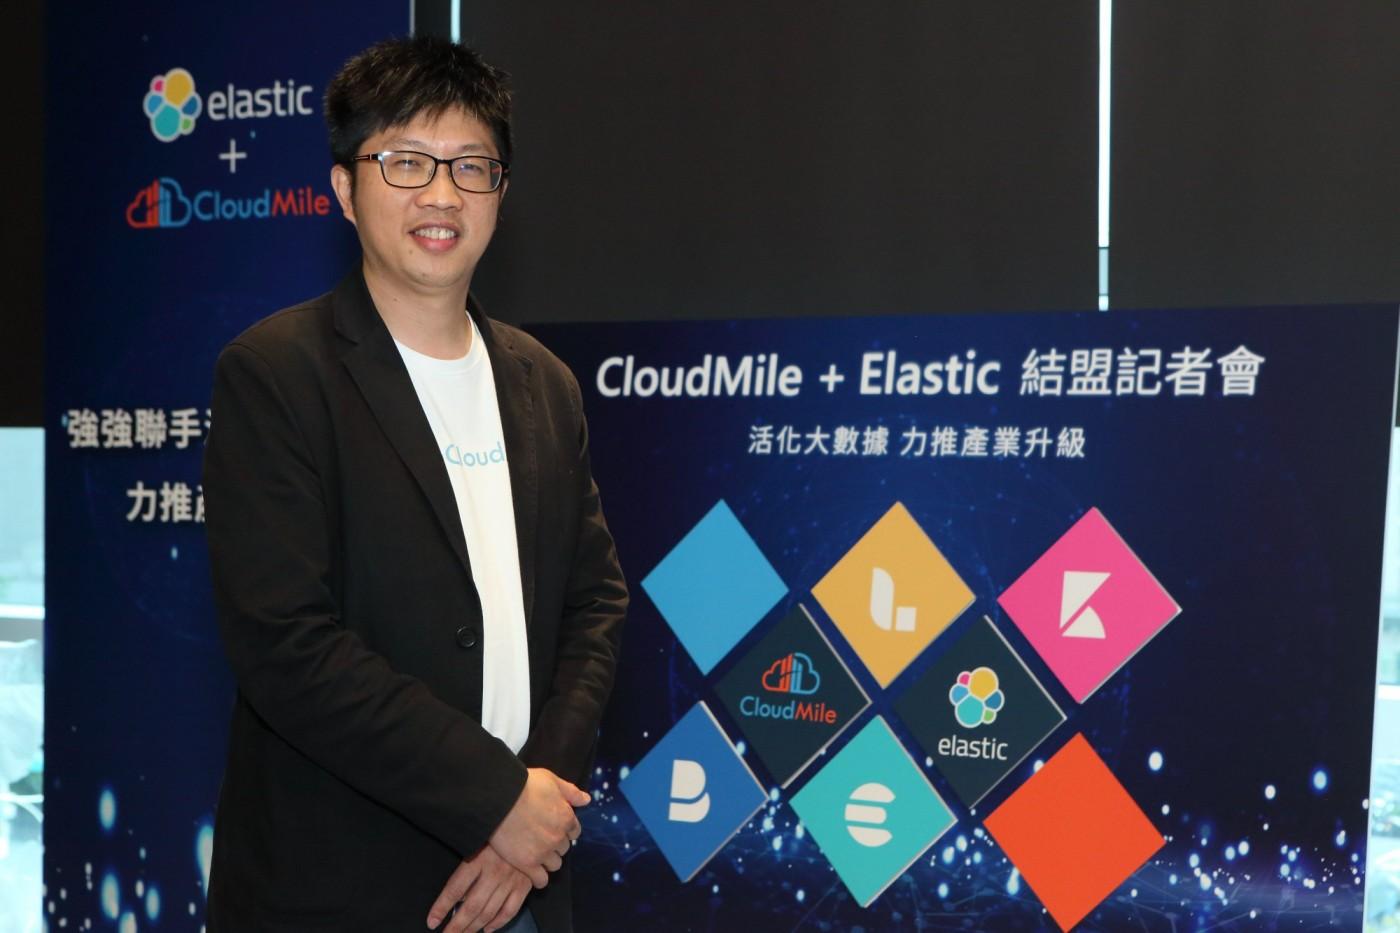 插旗亞太市場,搜尋引擎巨擘Elastic結盟台灣新創CloudMile